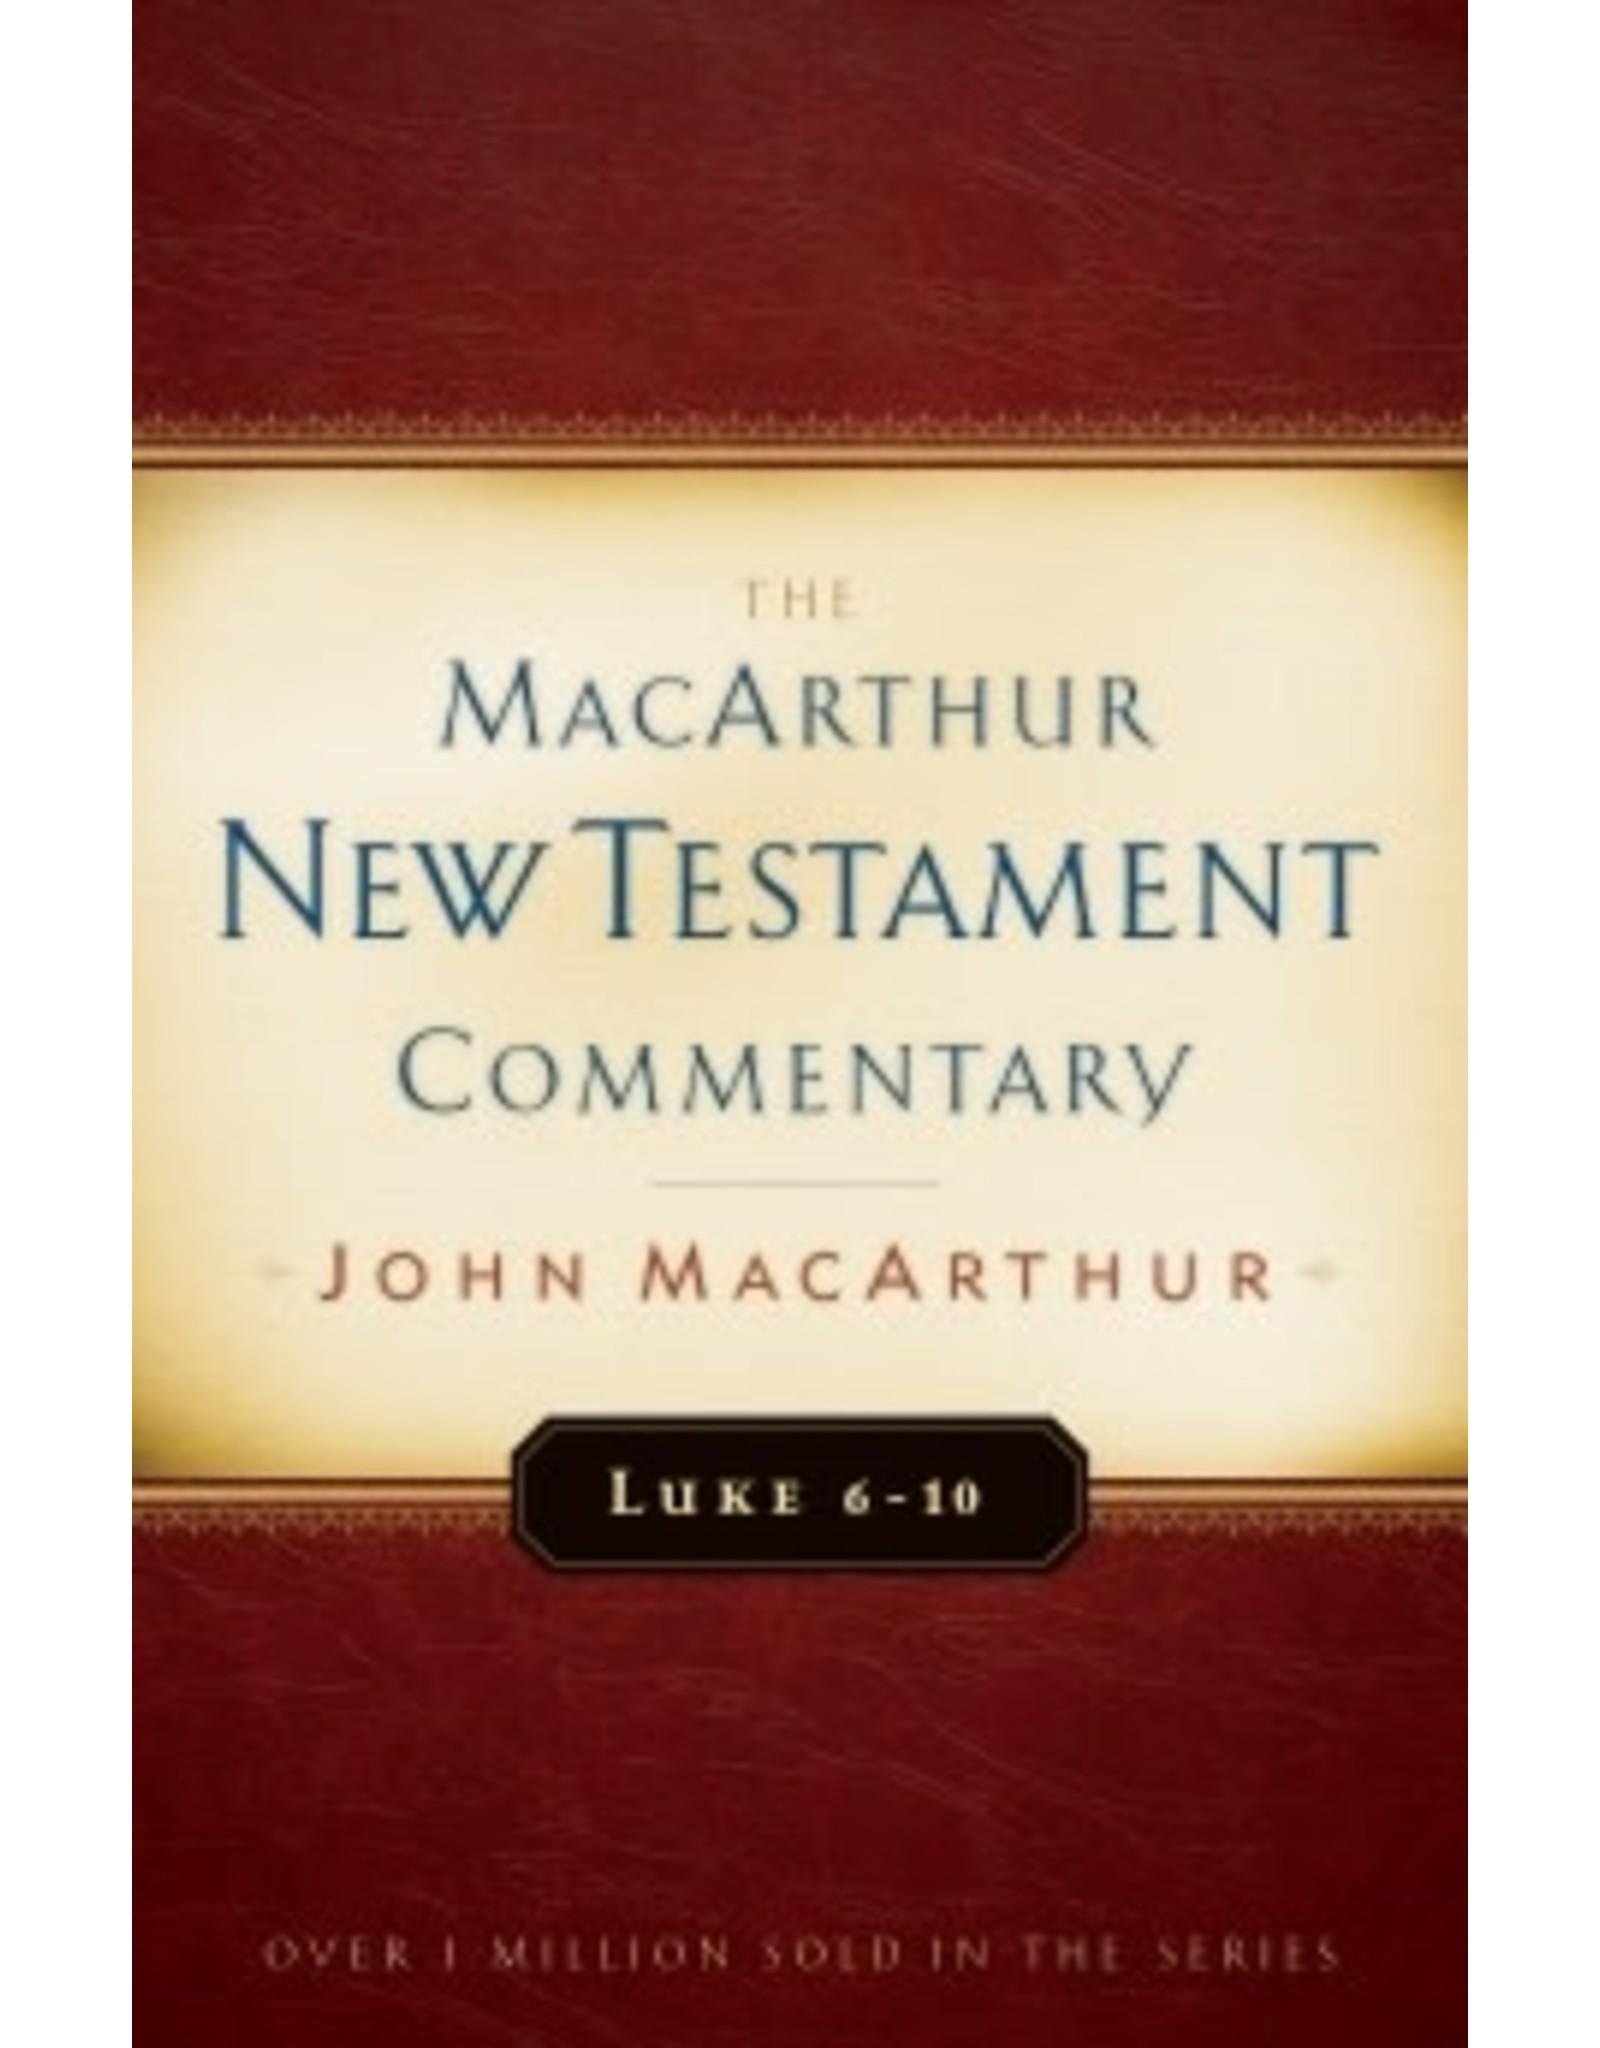 MacArthur MacArthur Commentary - Luke 6-10